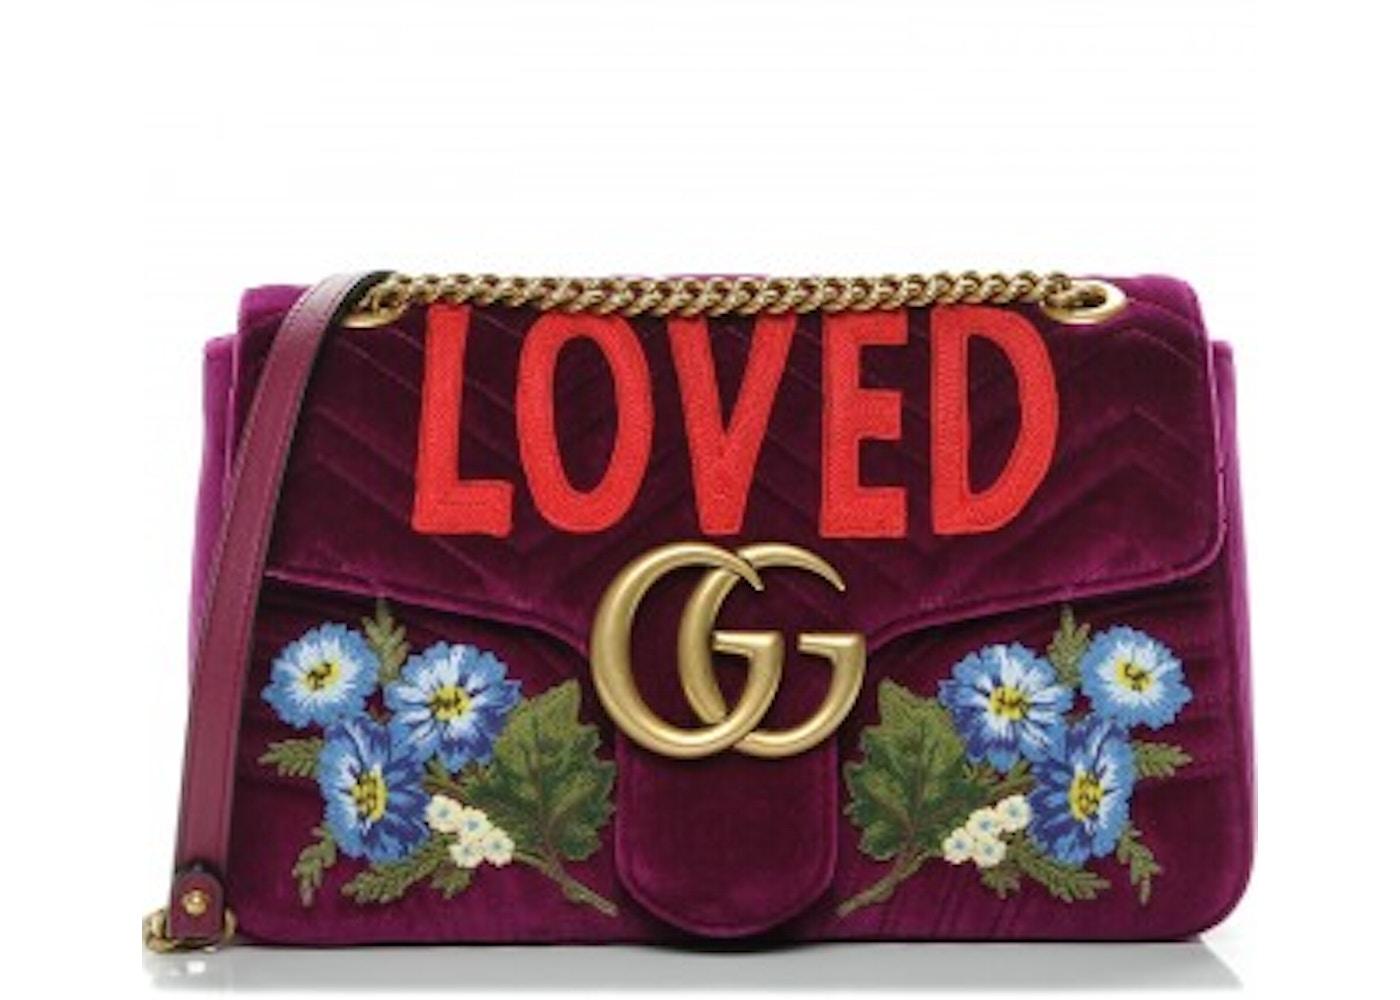 8c82962bdd1 Gucci Marmont Shoulder Bag Embroidered Bordeaux Medium. Embroidered  Bordeaux Medium